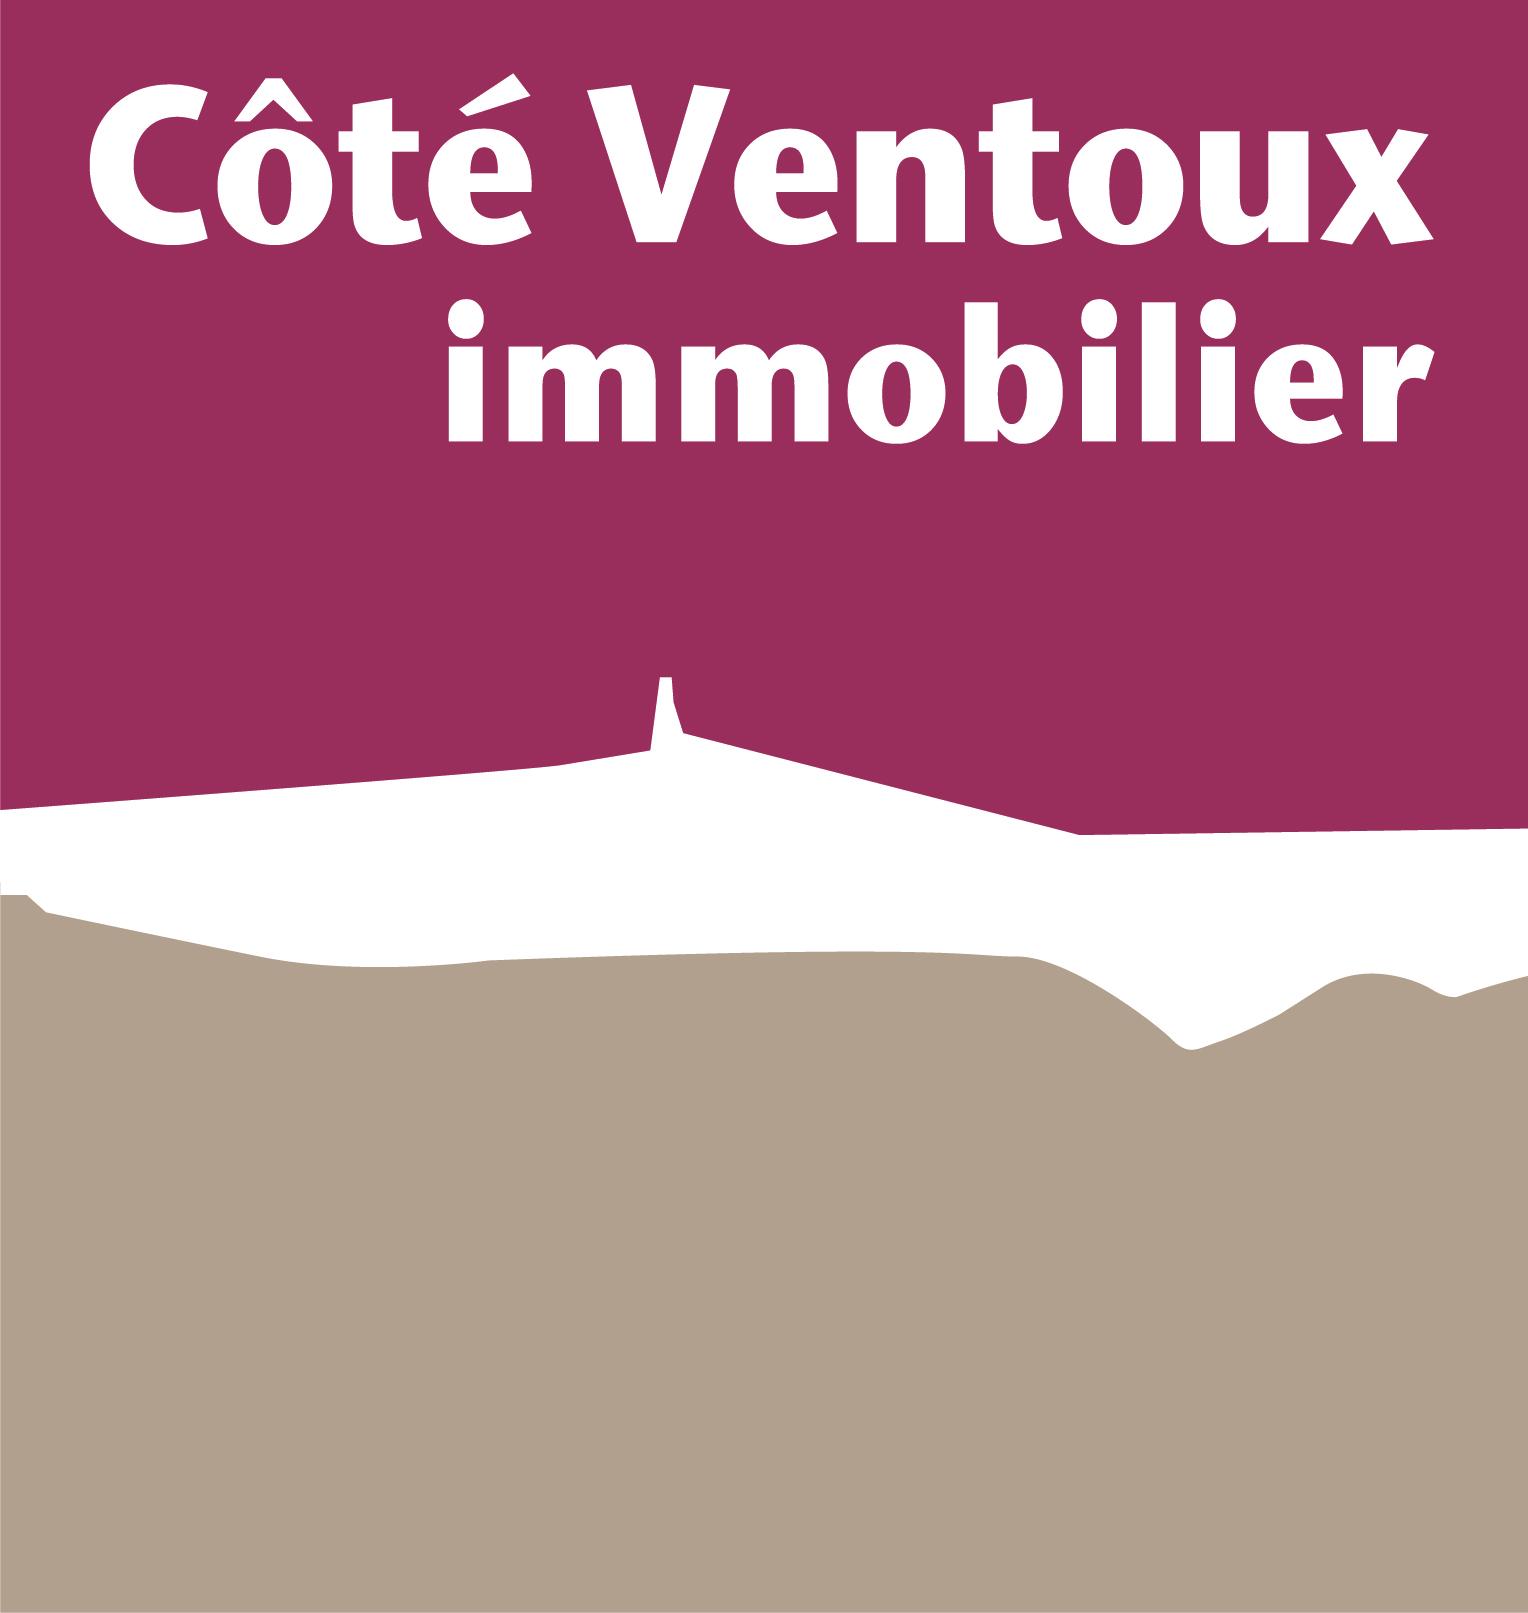 Coté Ventoux Immobilier agence immobilière Aubignan (84810)